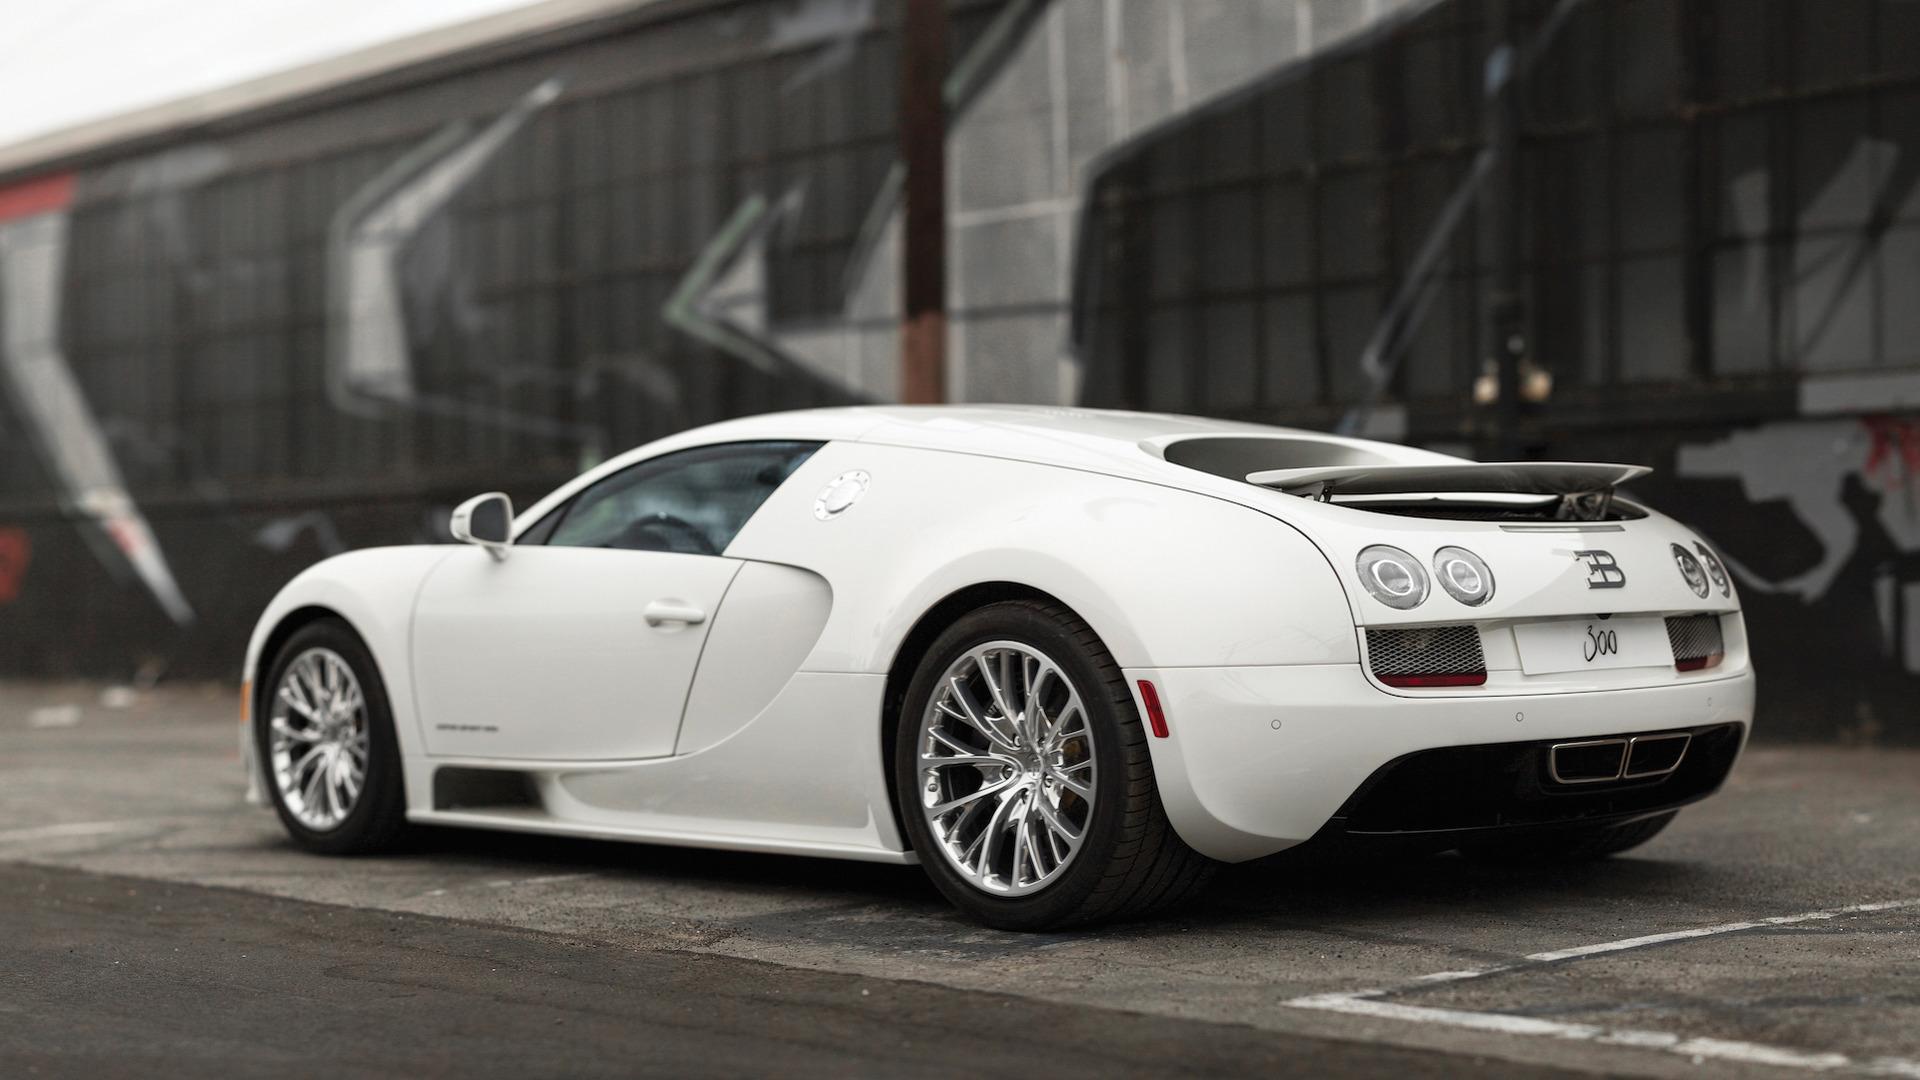 last-bugatti-veyron-super-sport-coupe-auction Stunning Bugatti Veyron Super Sport White Cars Trend